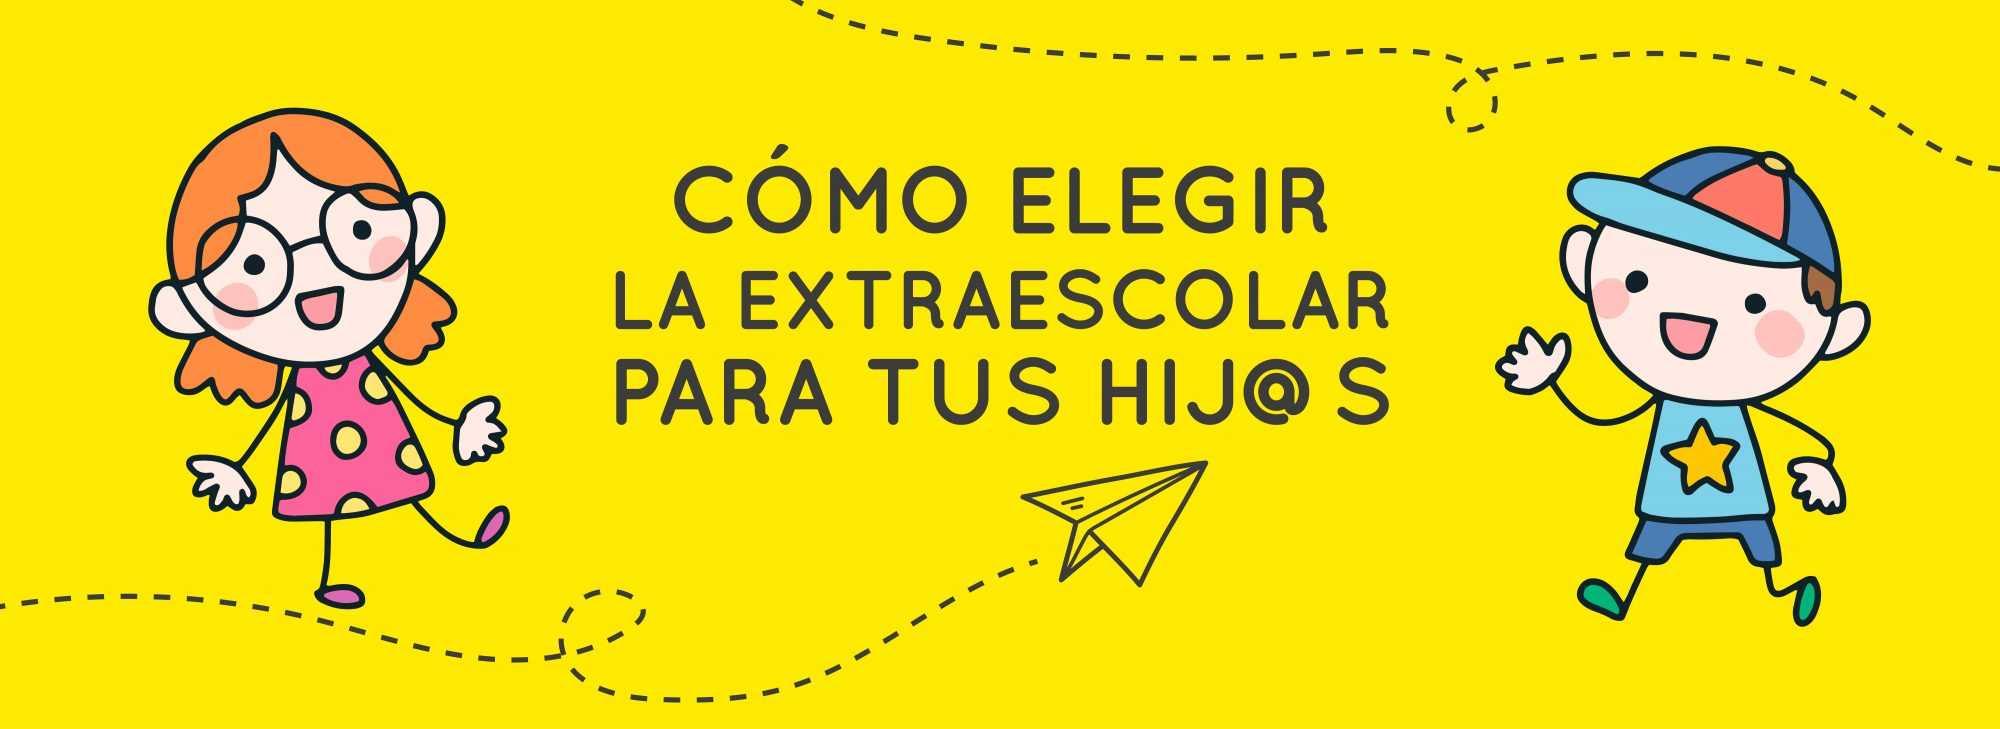 Extraescolares_consejosDadu